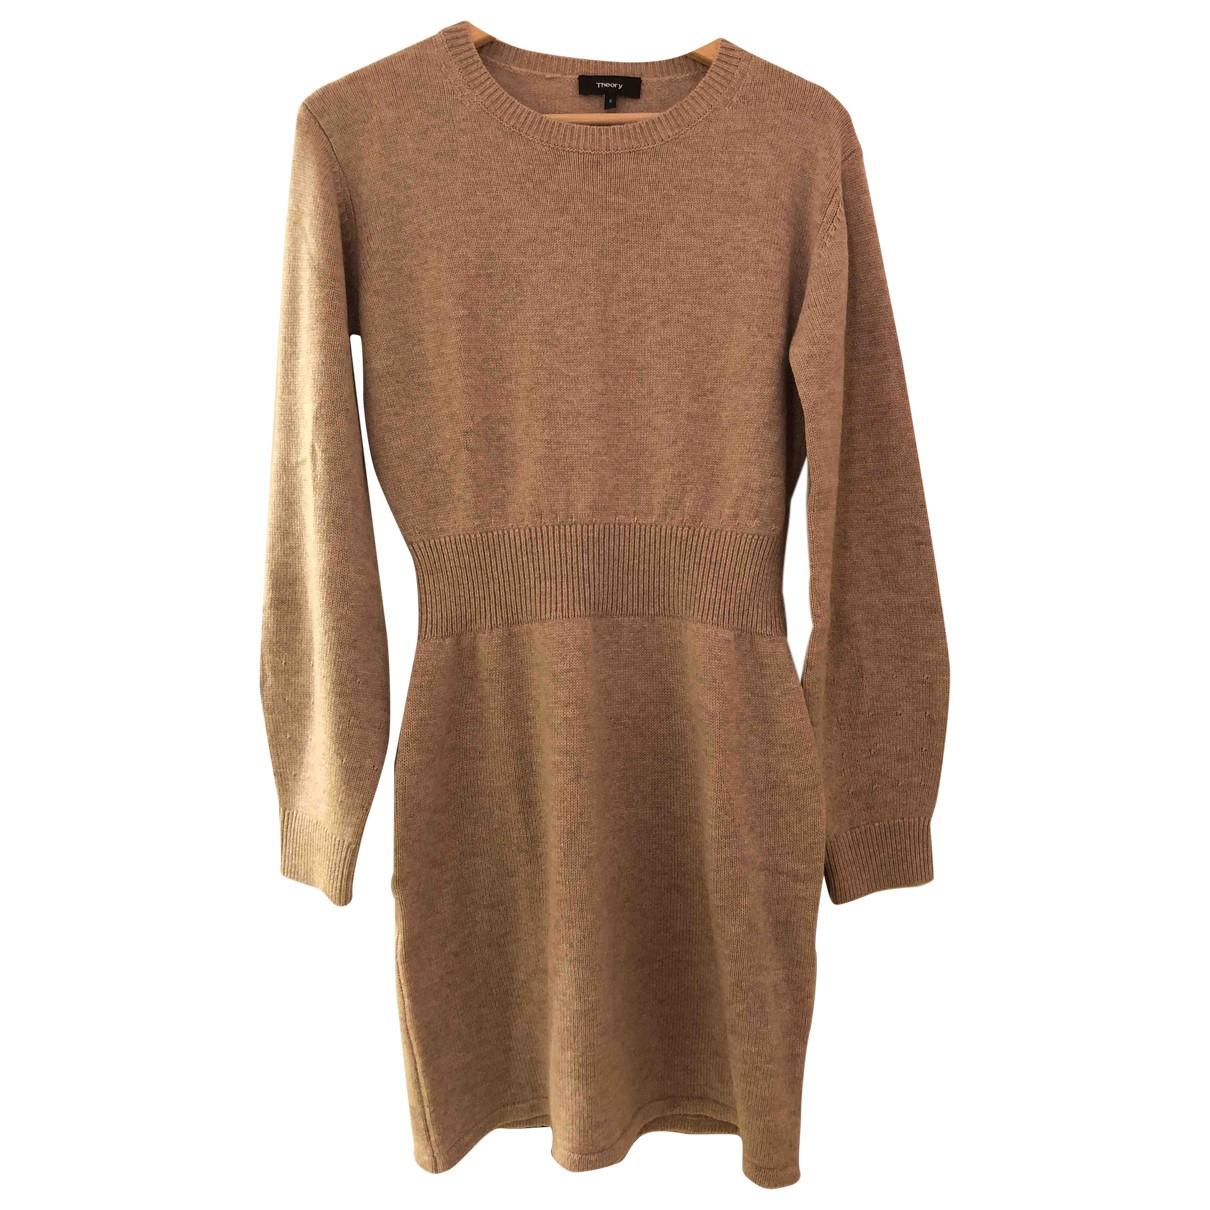 Theory \N Kleid in  Beige Wolle